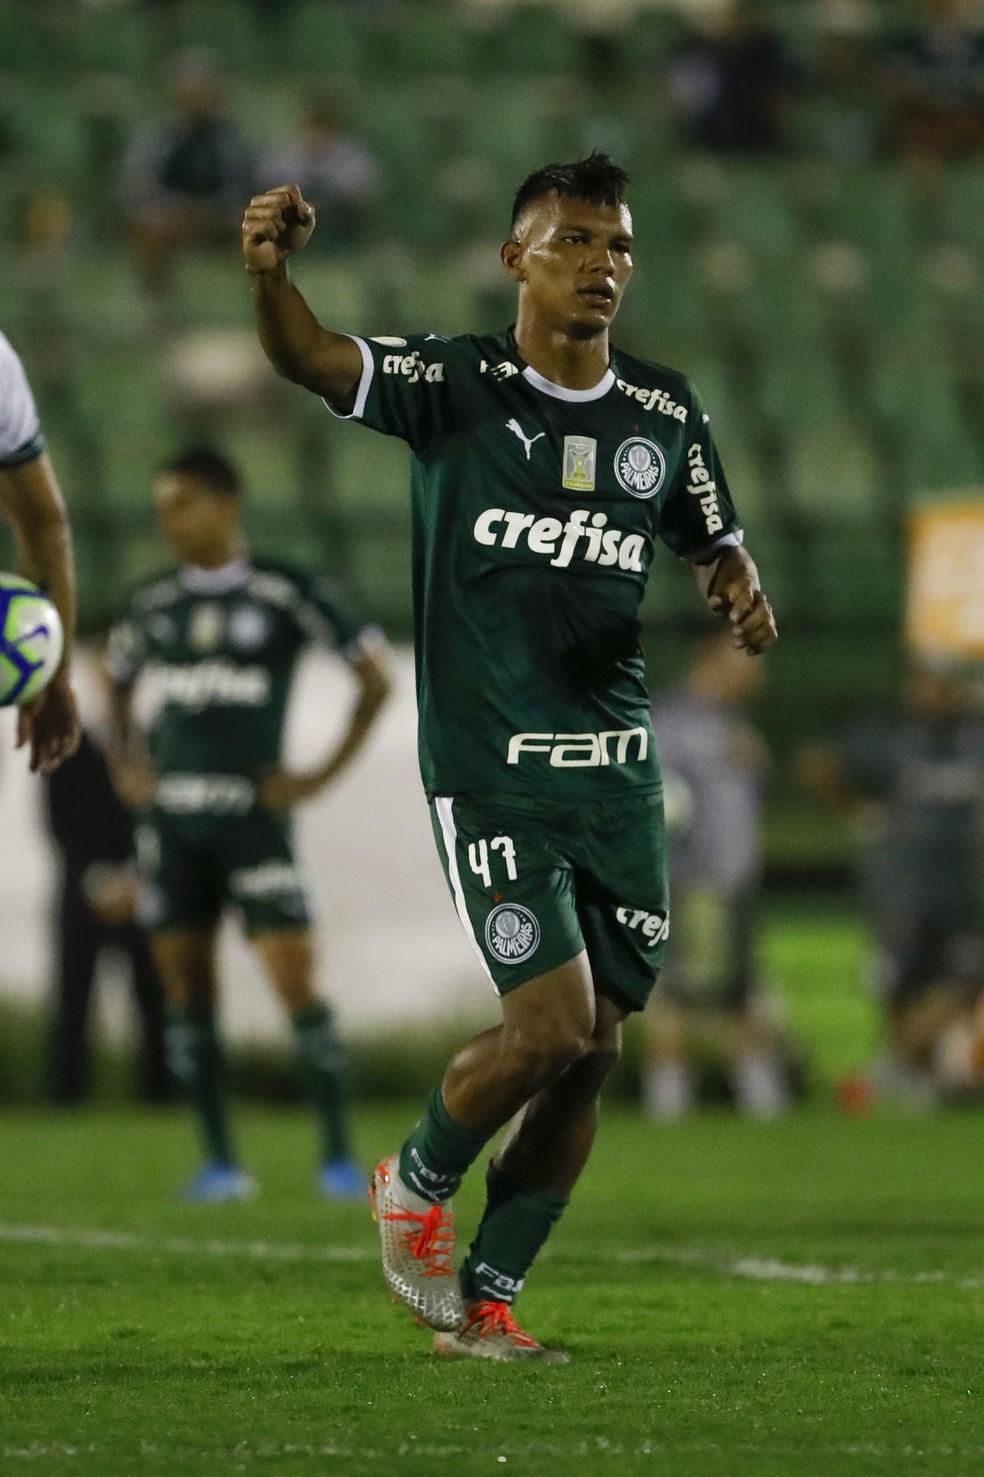 Gabriel Veron festeja um dos gols contra o Goiás — Foto: Ricardo Moreira / Estadão Conteúdo